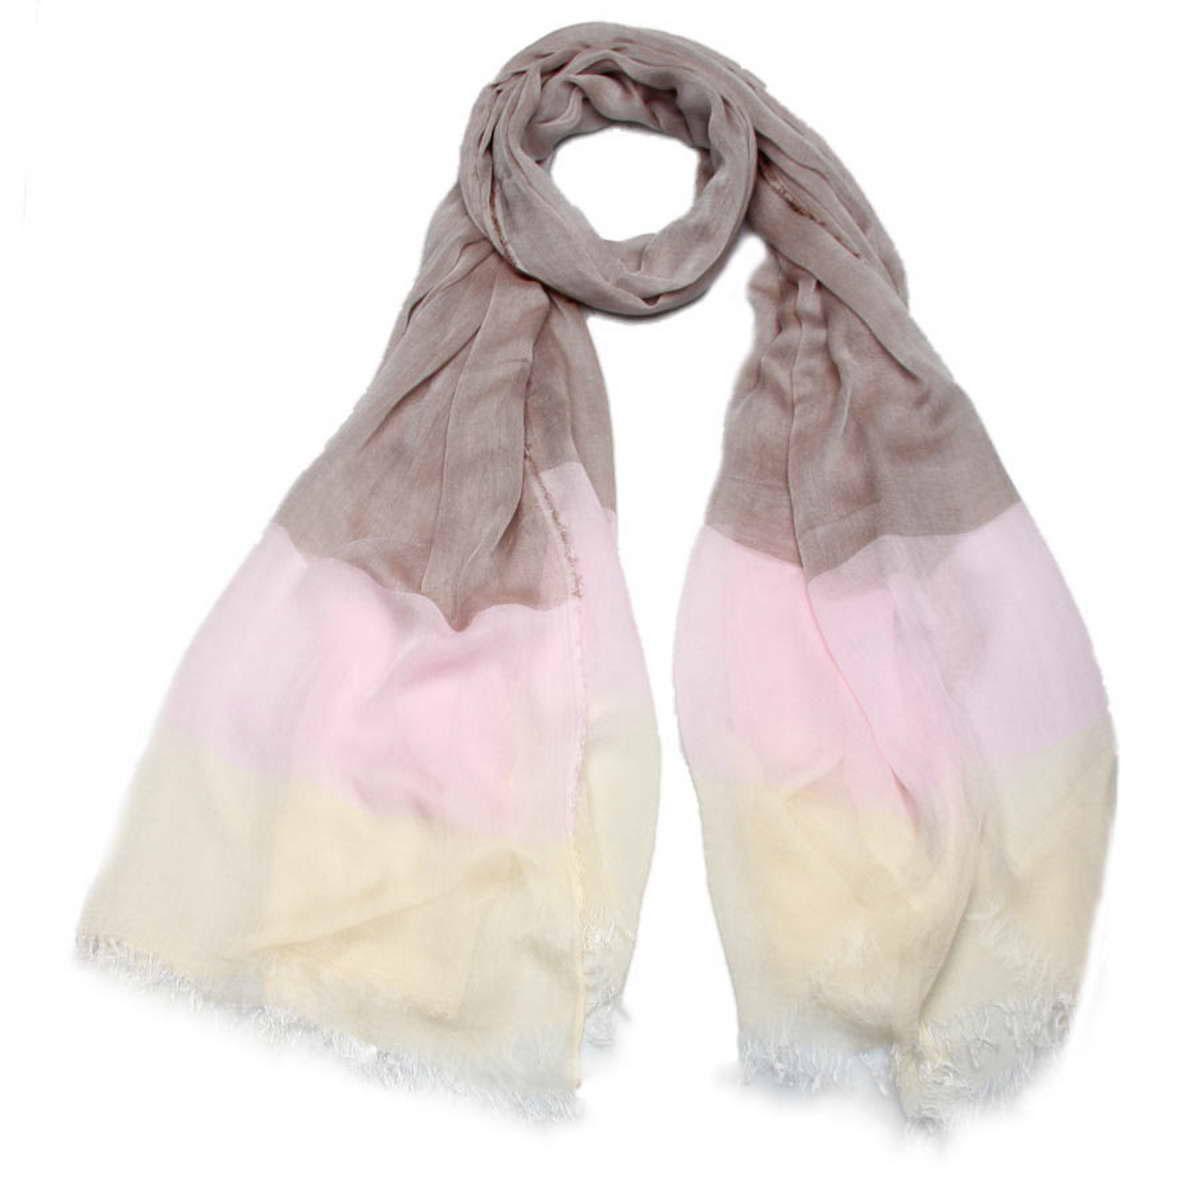 Палантин3415501-10Элегантный женский палантин Venera изготовлен из модала и шелка. Палантин имеет отличное качество и приятную текстуру материала, он подарит настоящий комфорт при носке, а большие размеры позволят согреться в прохладную погоду. Изделие оформлено гаммой нескольких цветов и небольшой бахромой по краям. Этот модный аксессуар женского гардероба гармонично дополнит образ современной женщины, следящей за своим имиджем и стремящейся всегда оставаться стильной и элегантной. В этом палантине вы всегда будете выглядеть женственной и привлекательной.